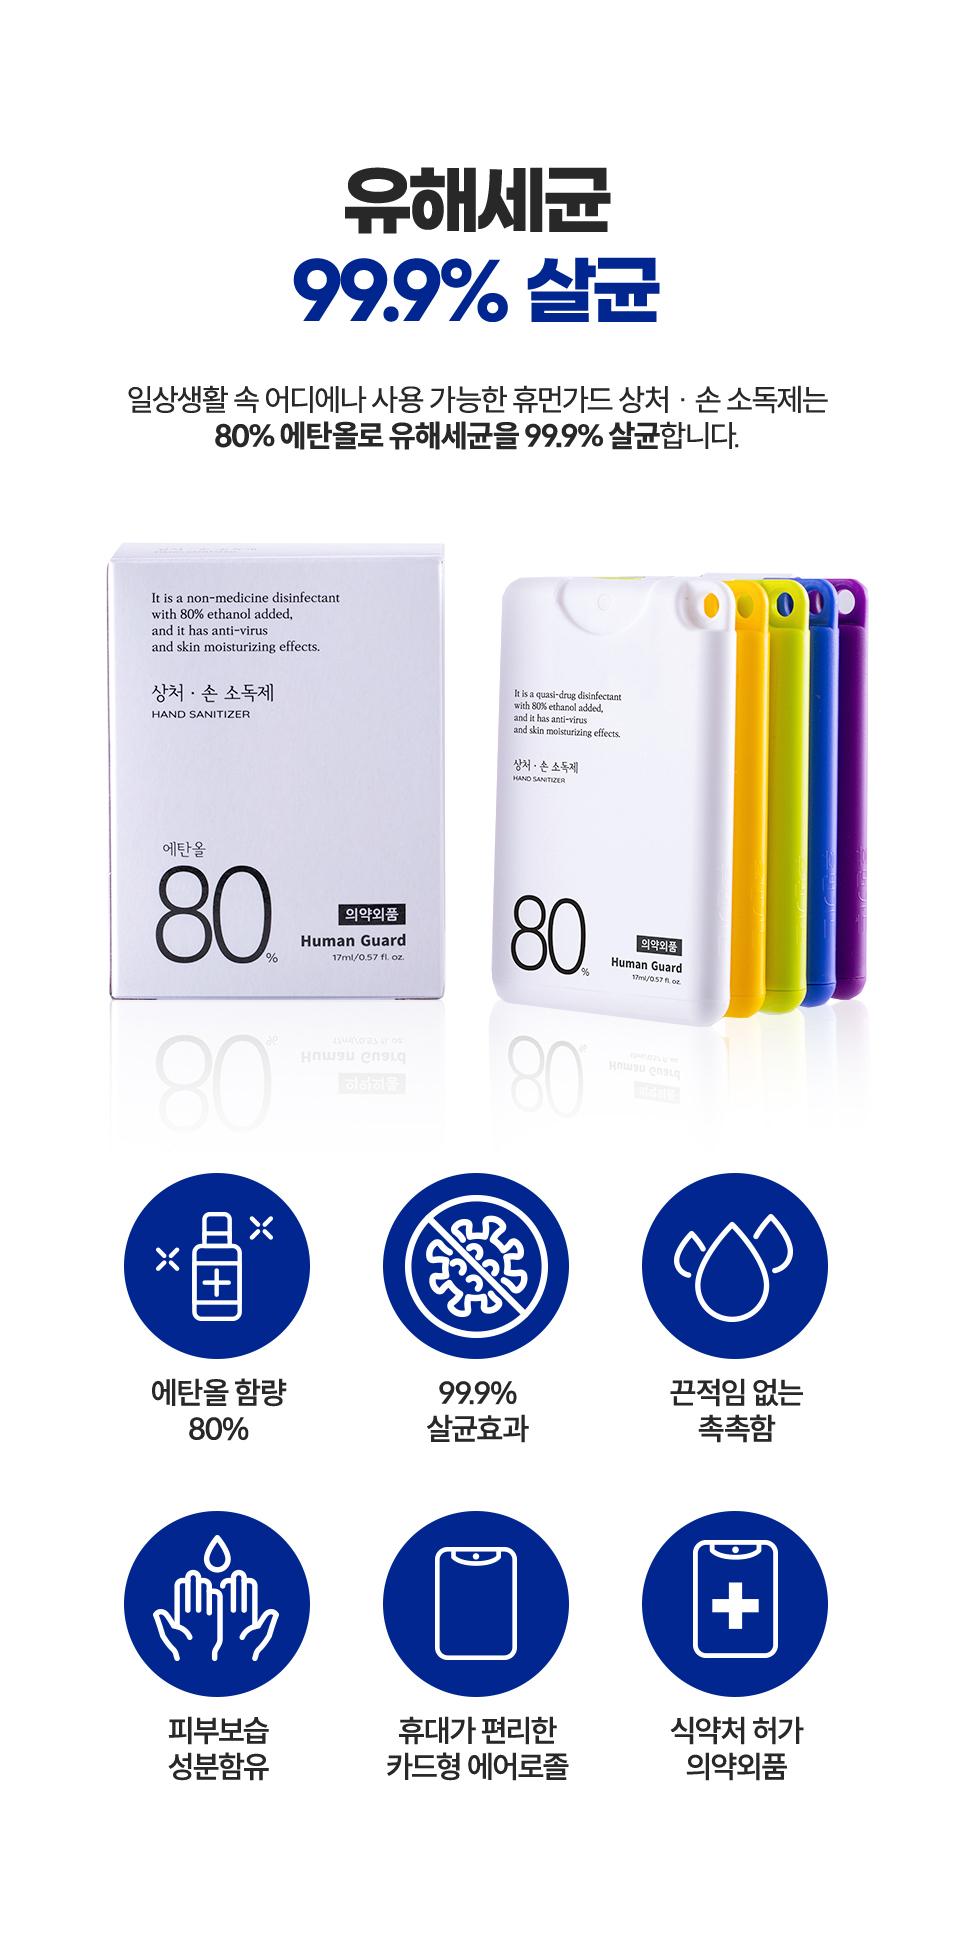 에탄올80%-카드형-손소독제-+-목걸이줄_02.jpg